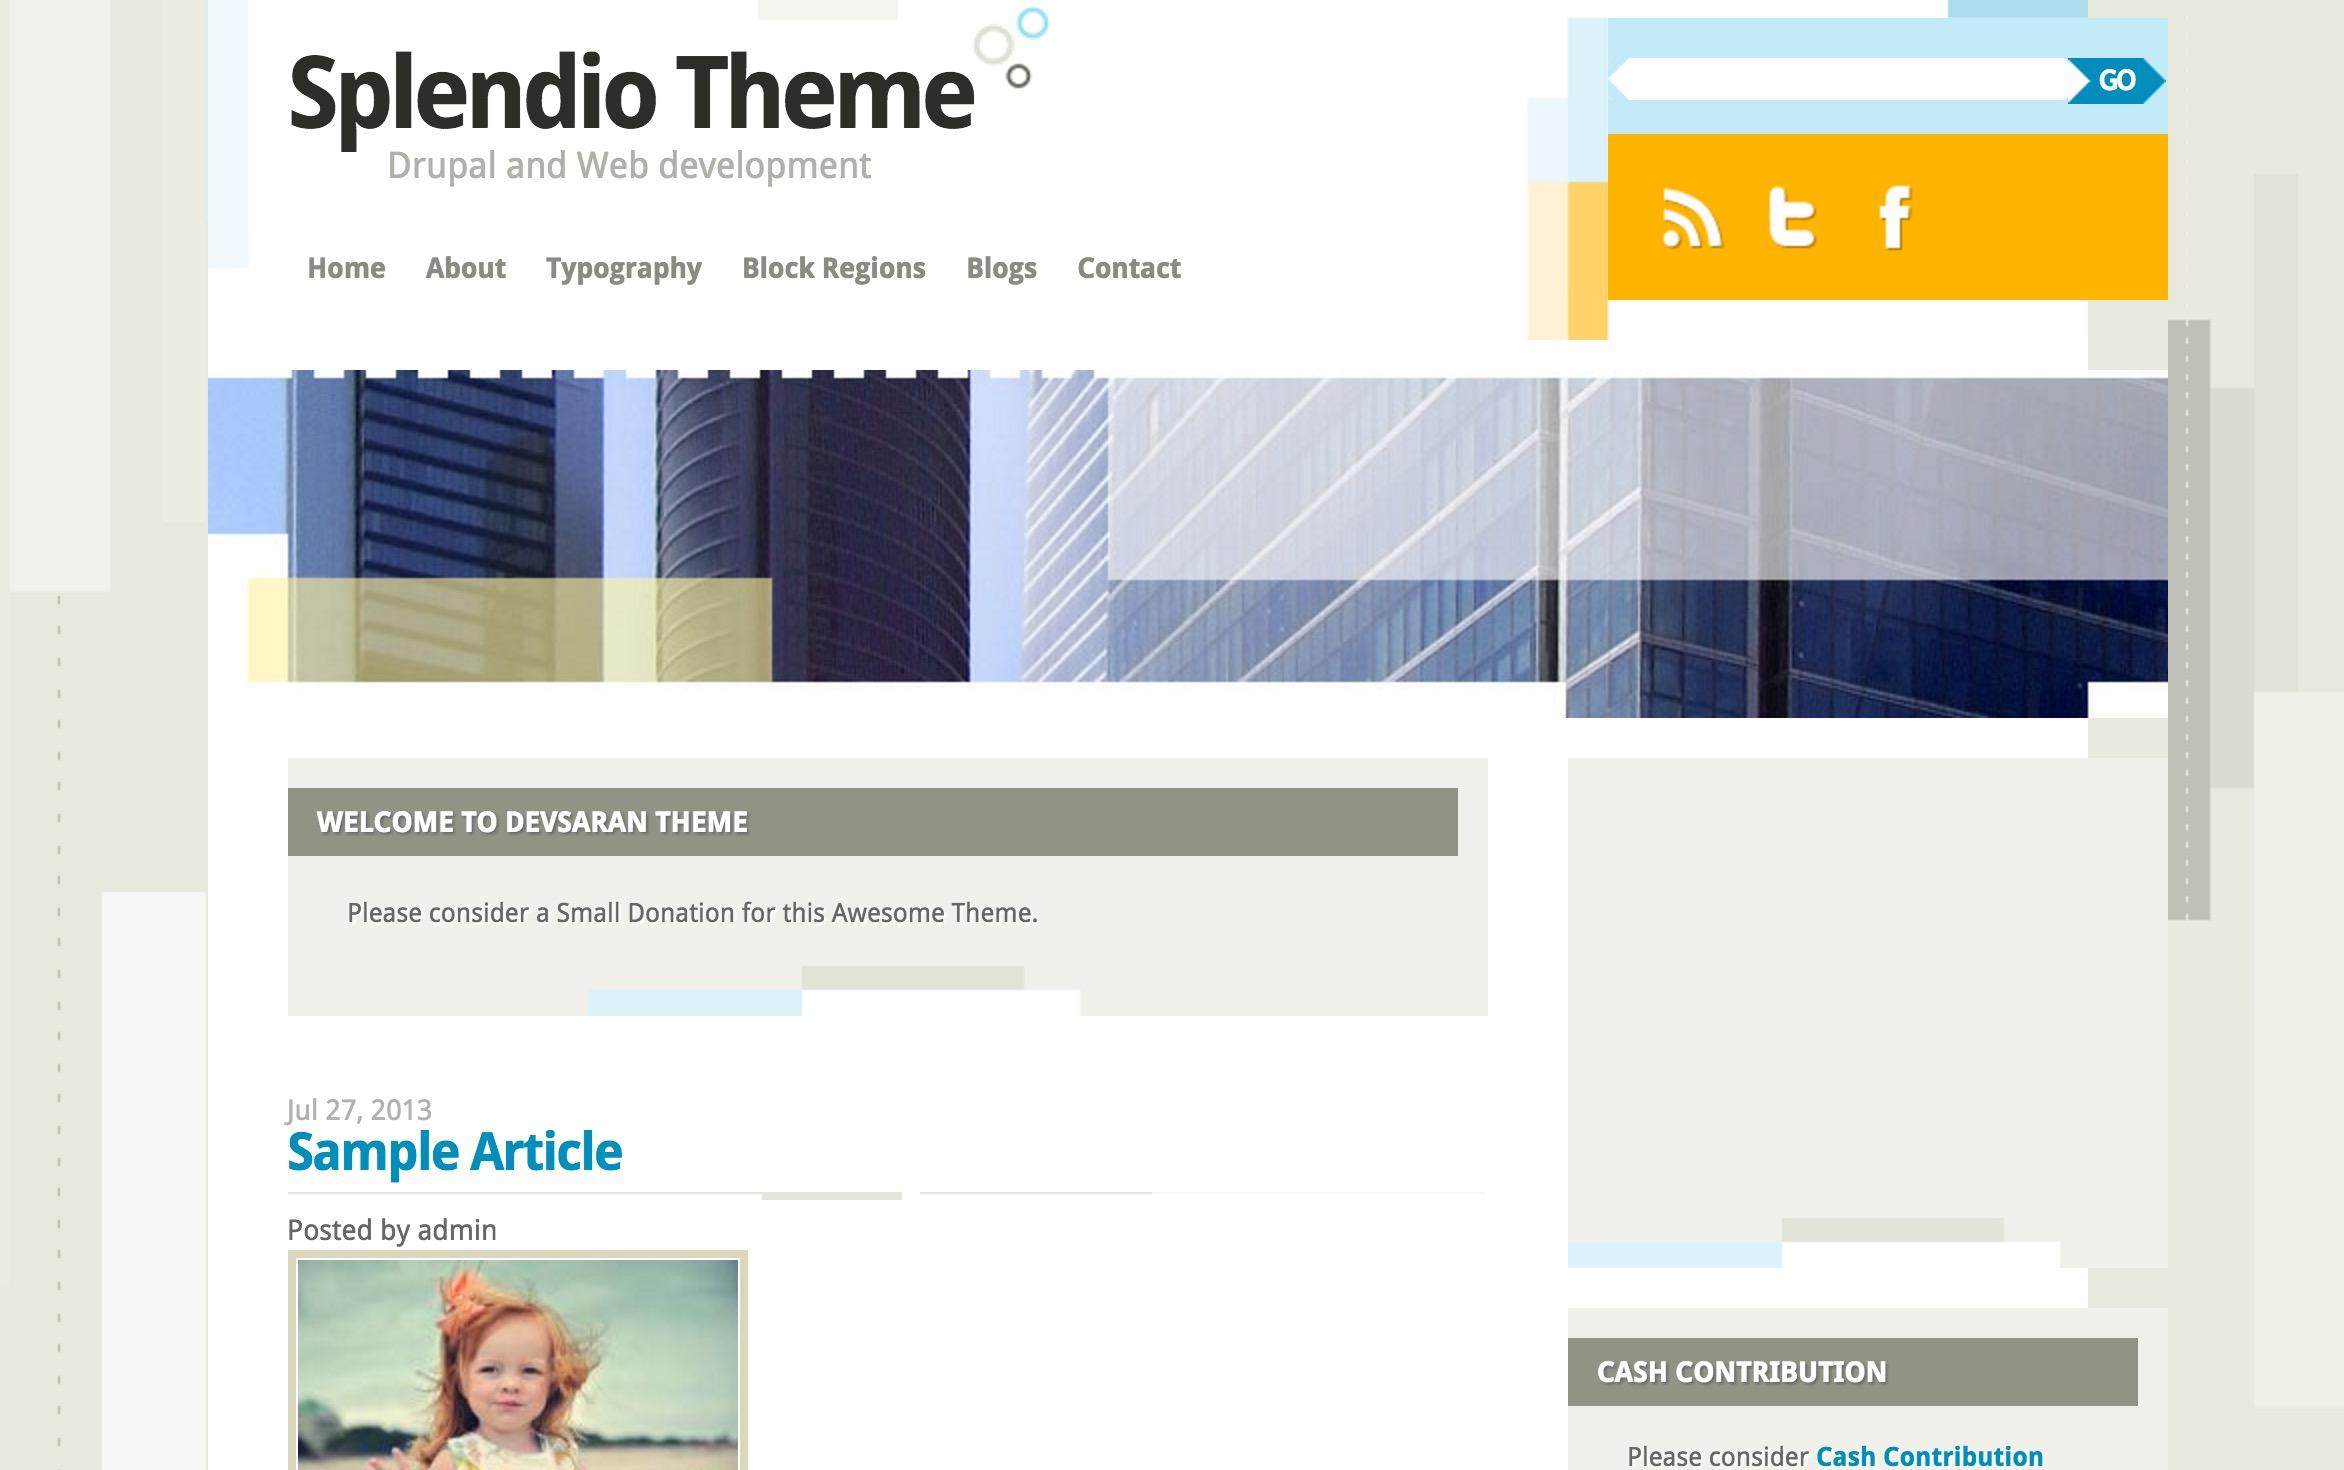 More Details about Splendio